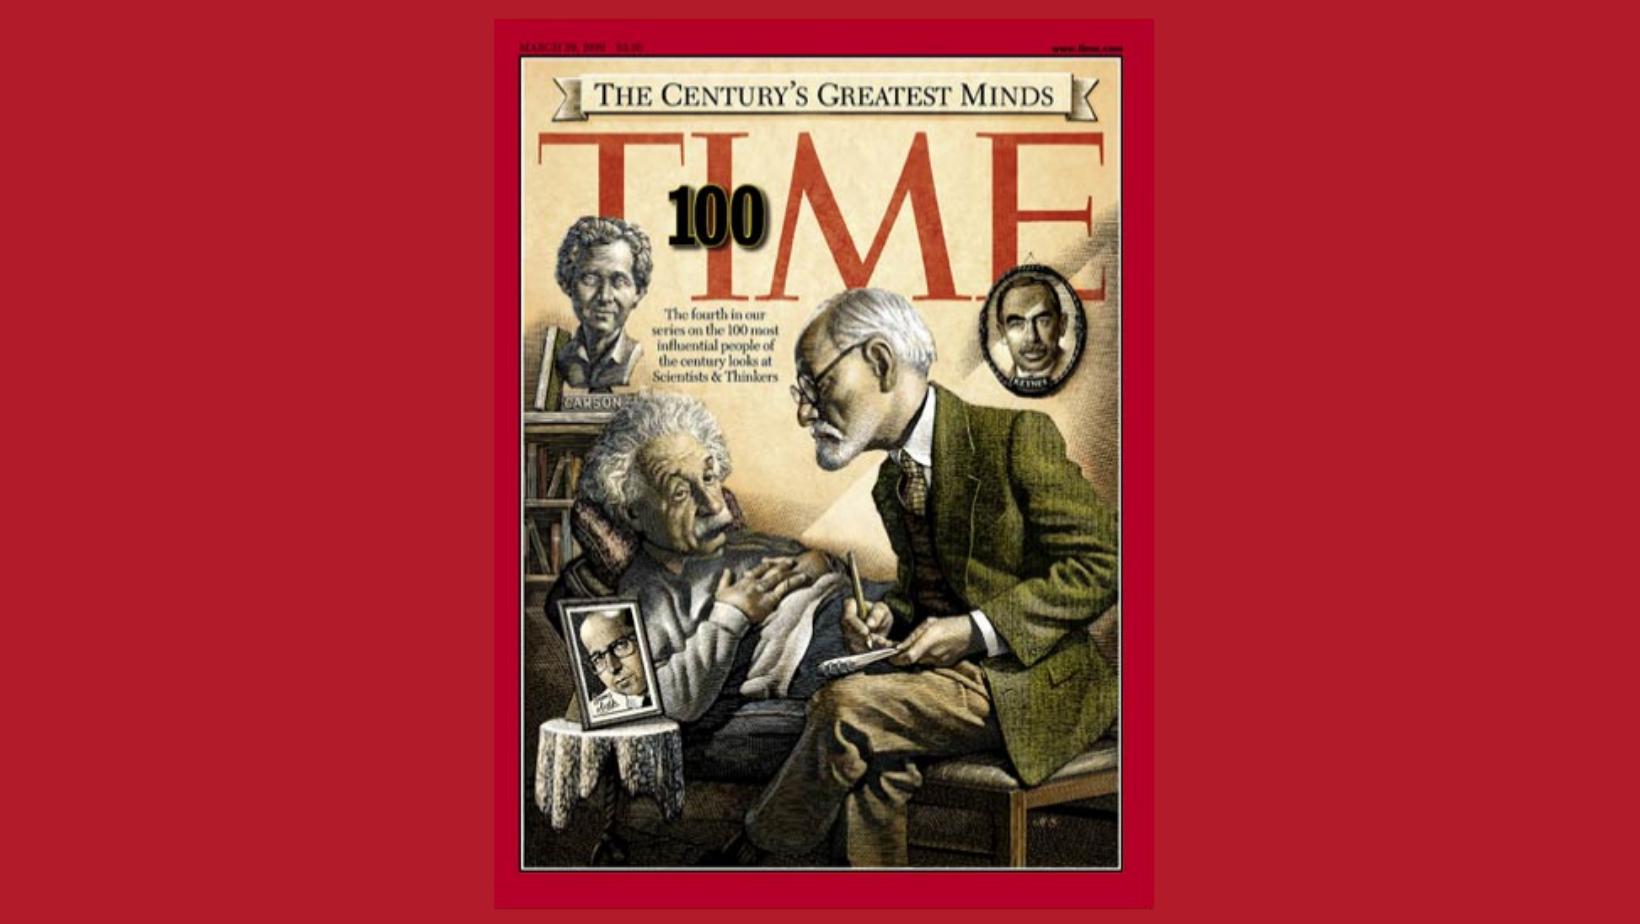 Les grans ments de segle XX. Time 100